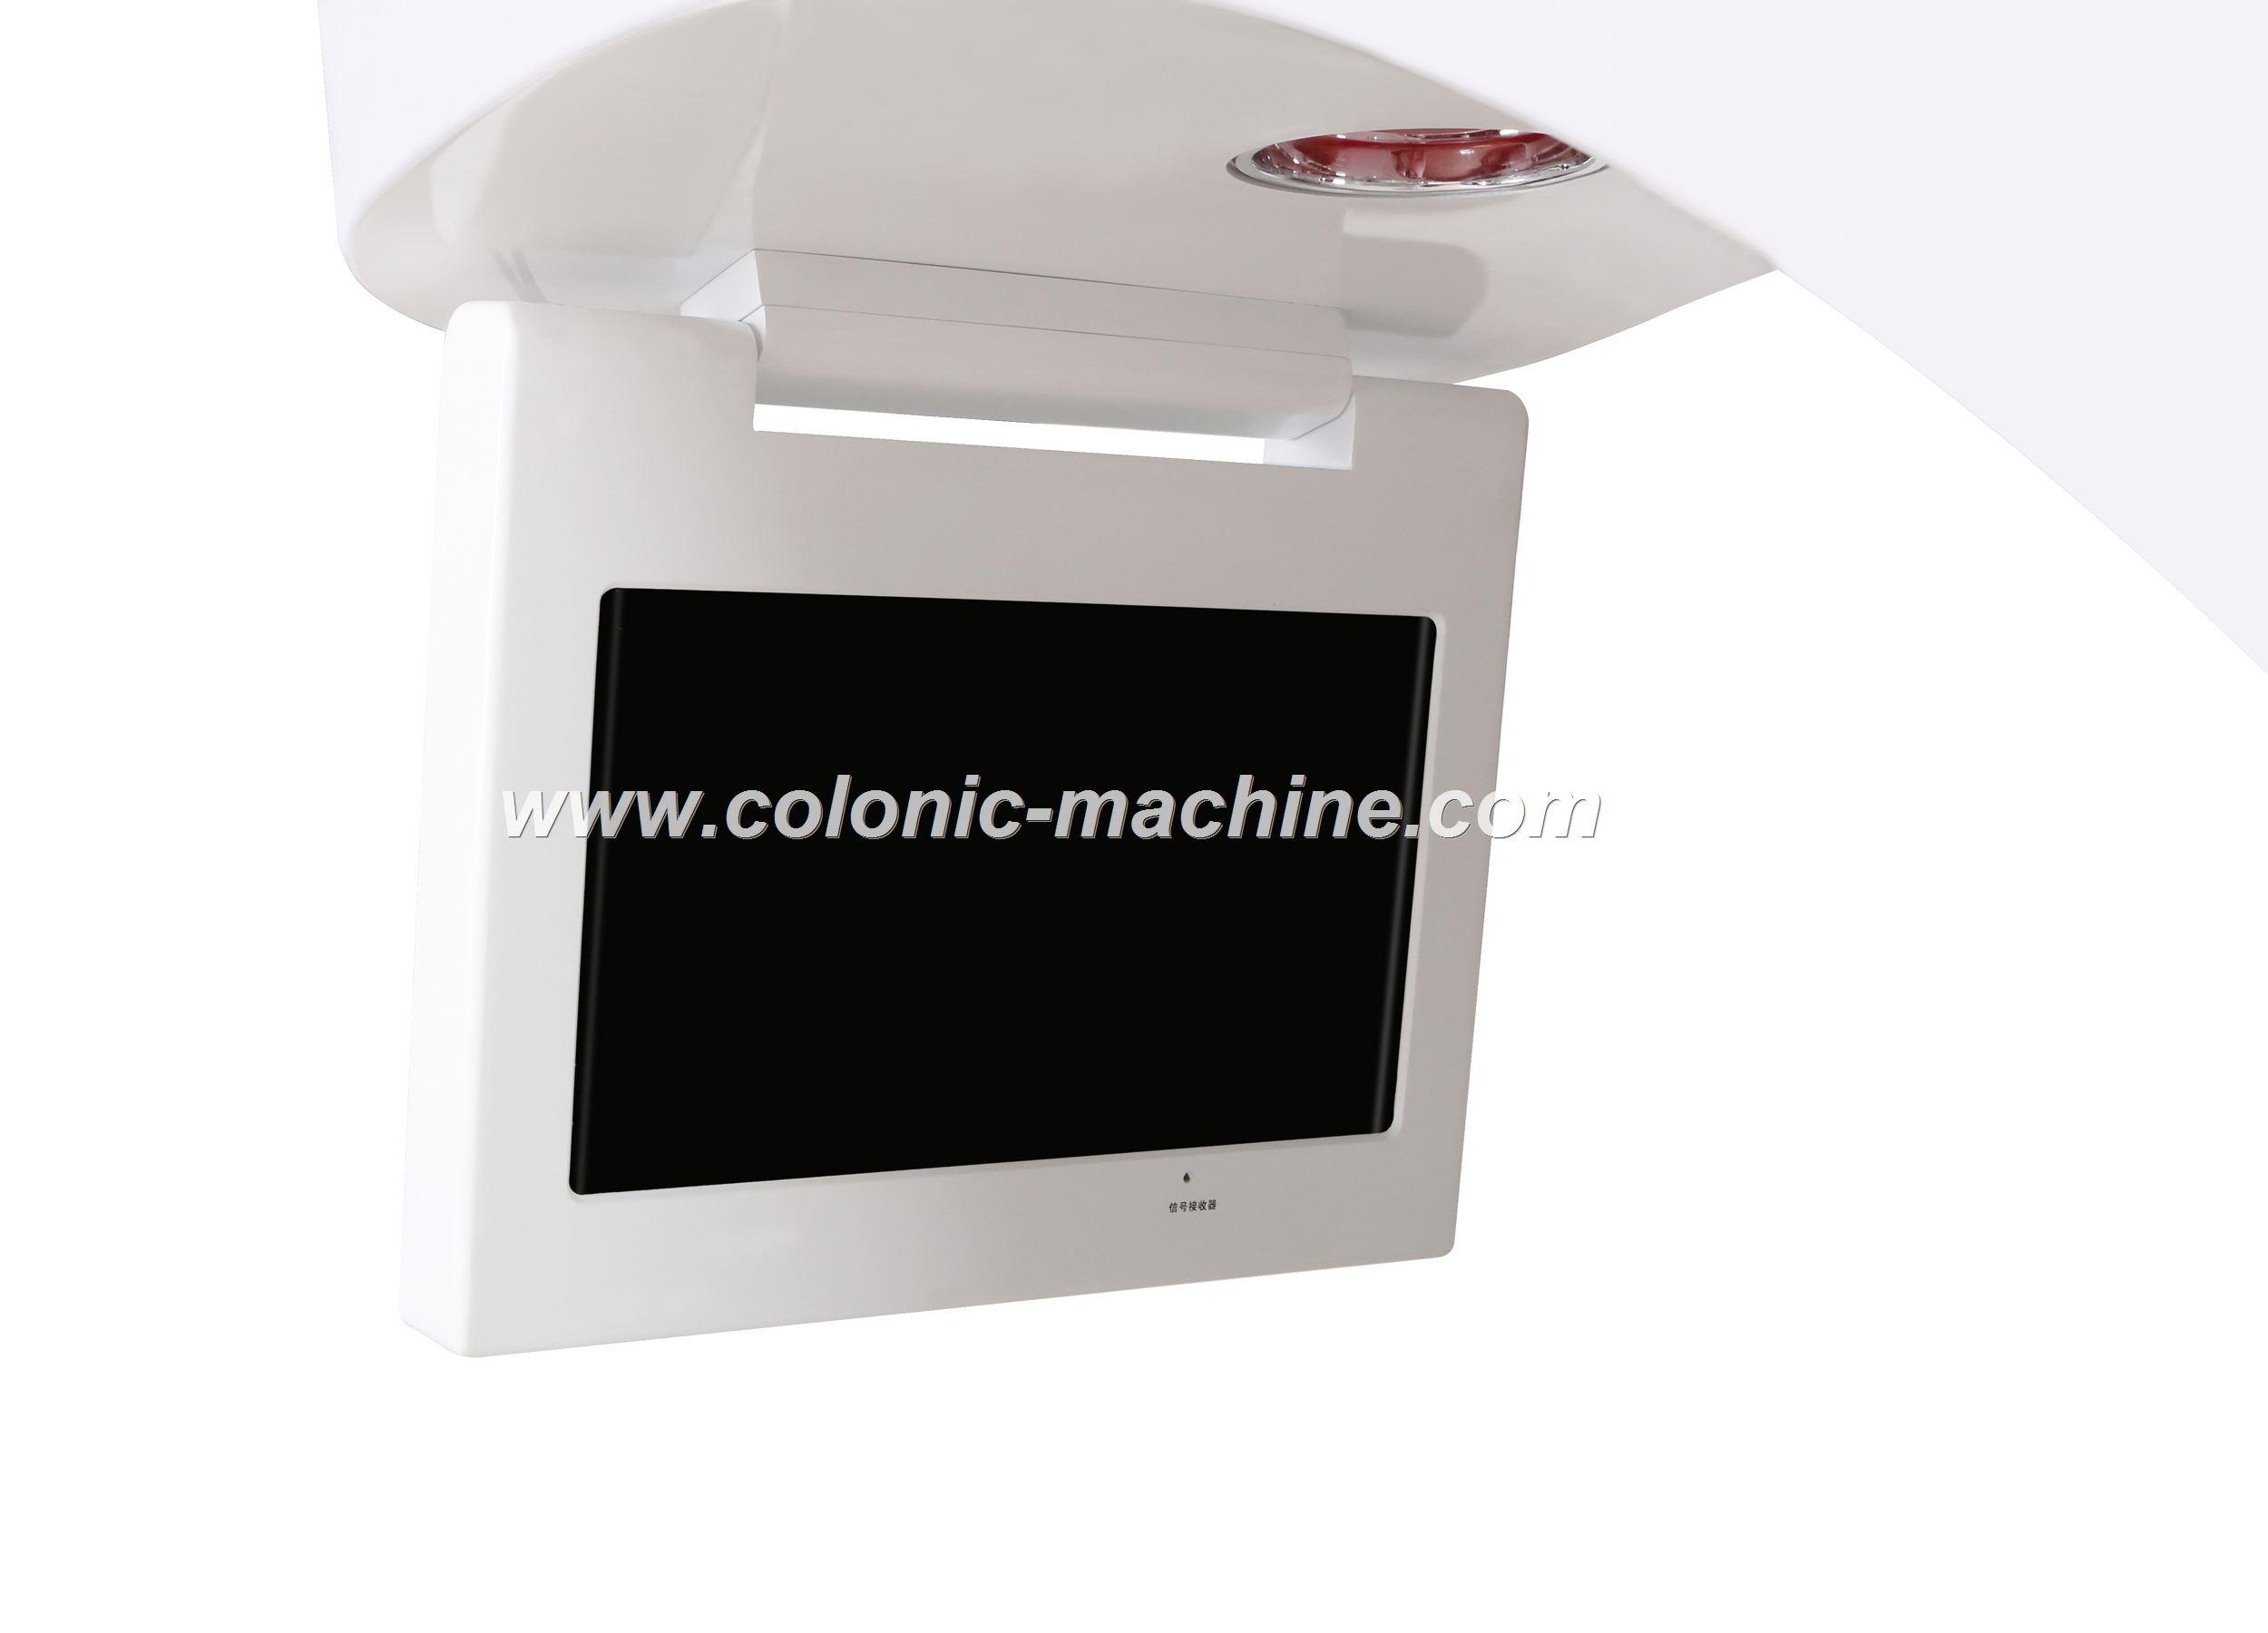 colonic machine cost